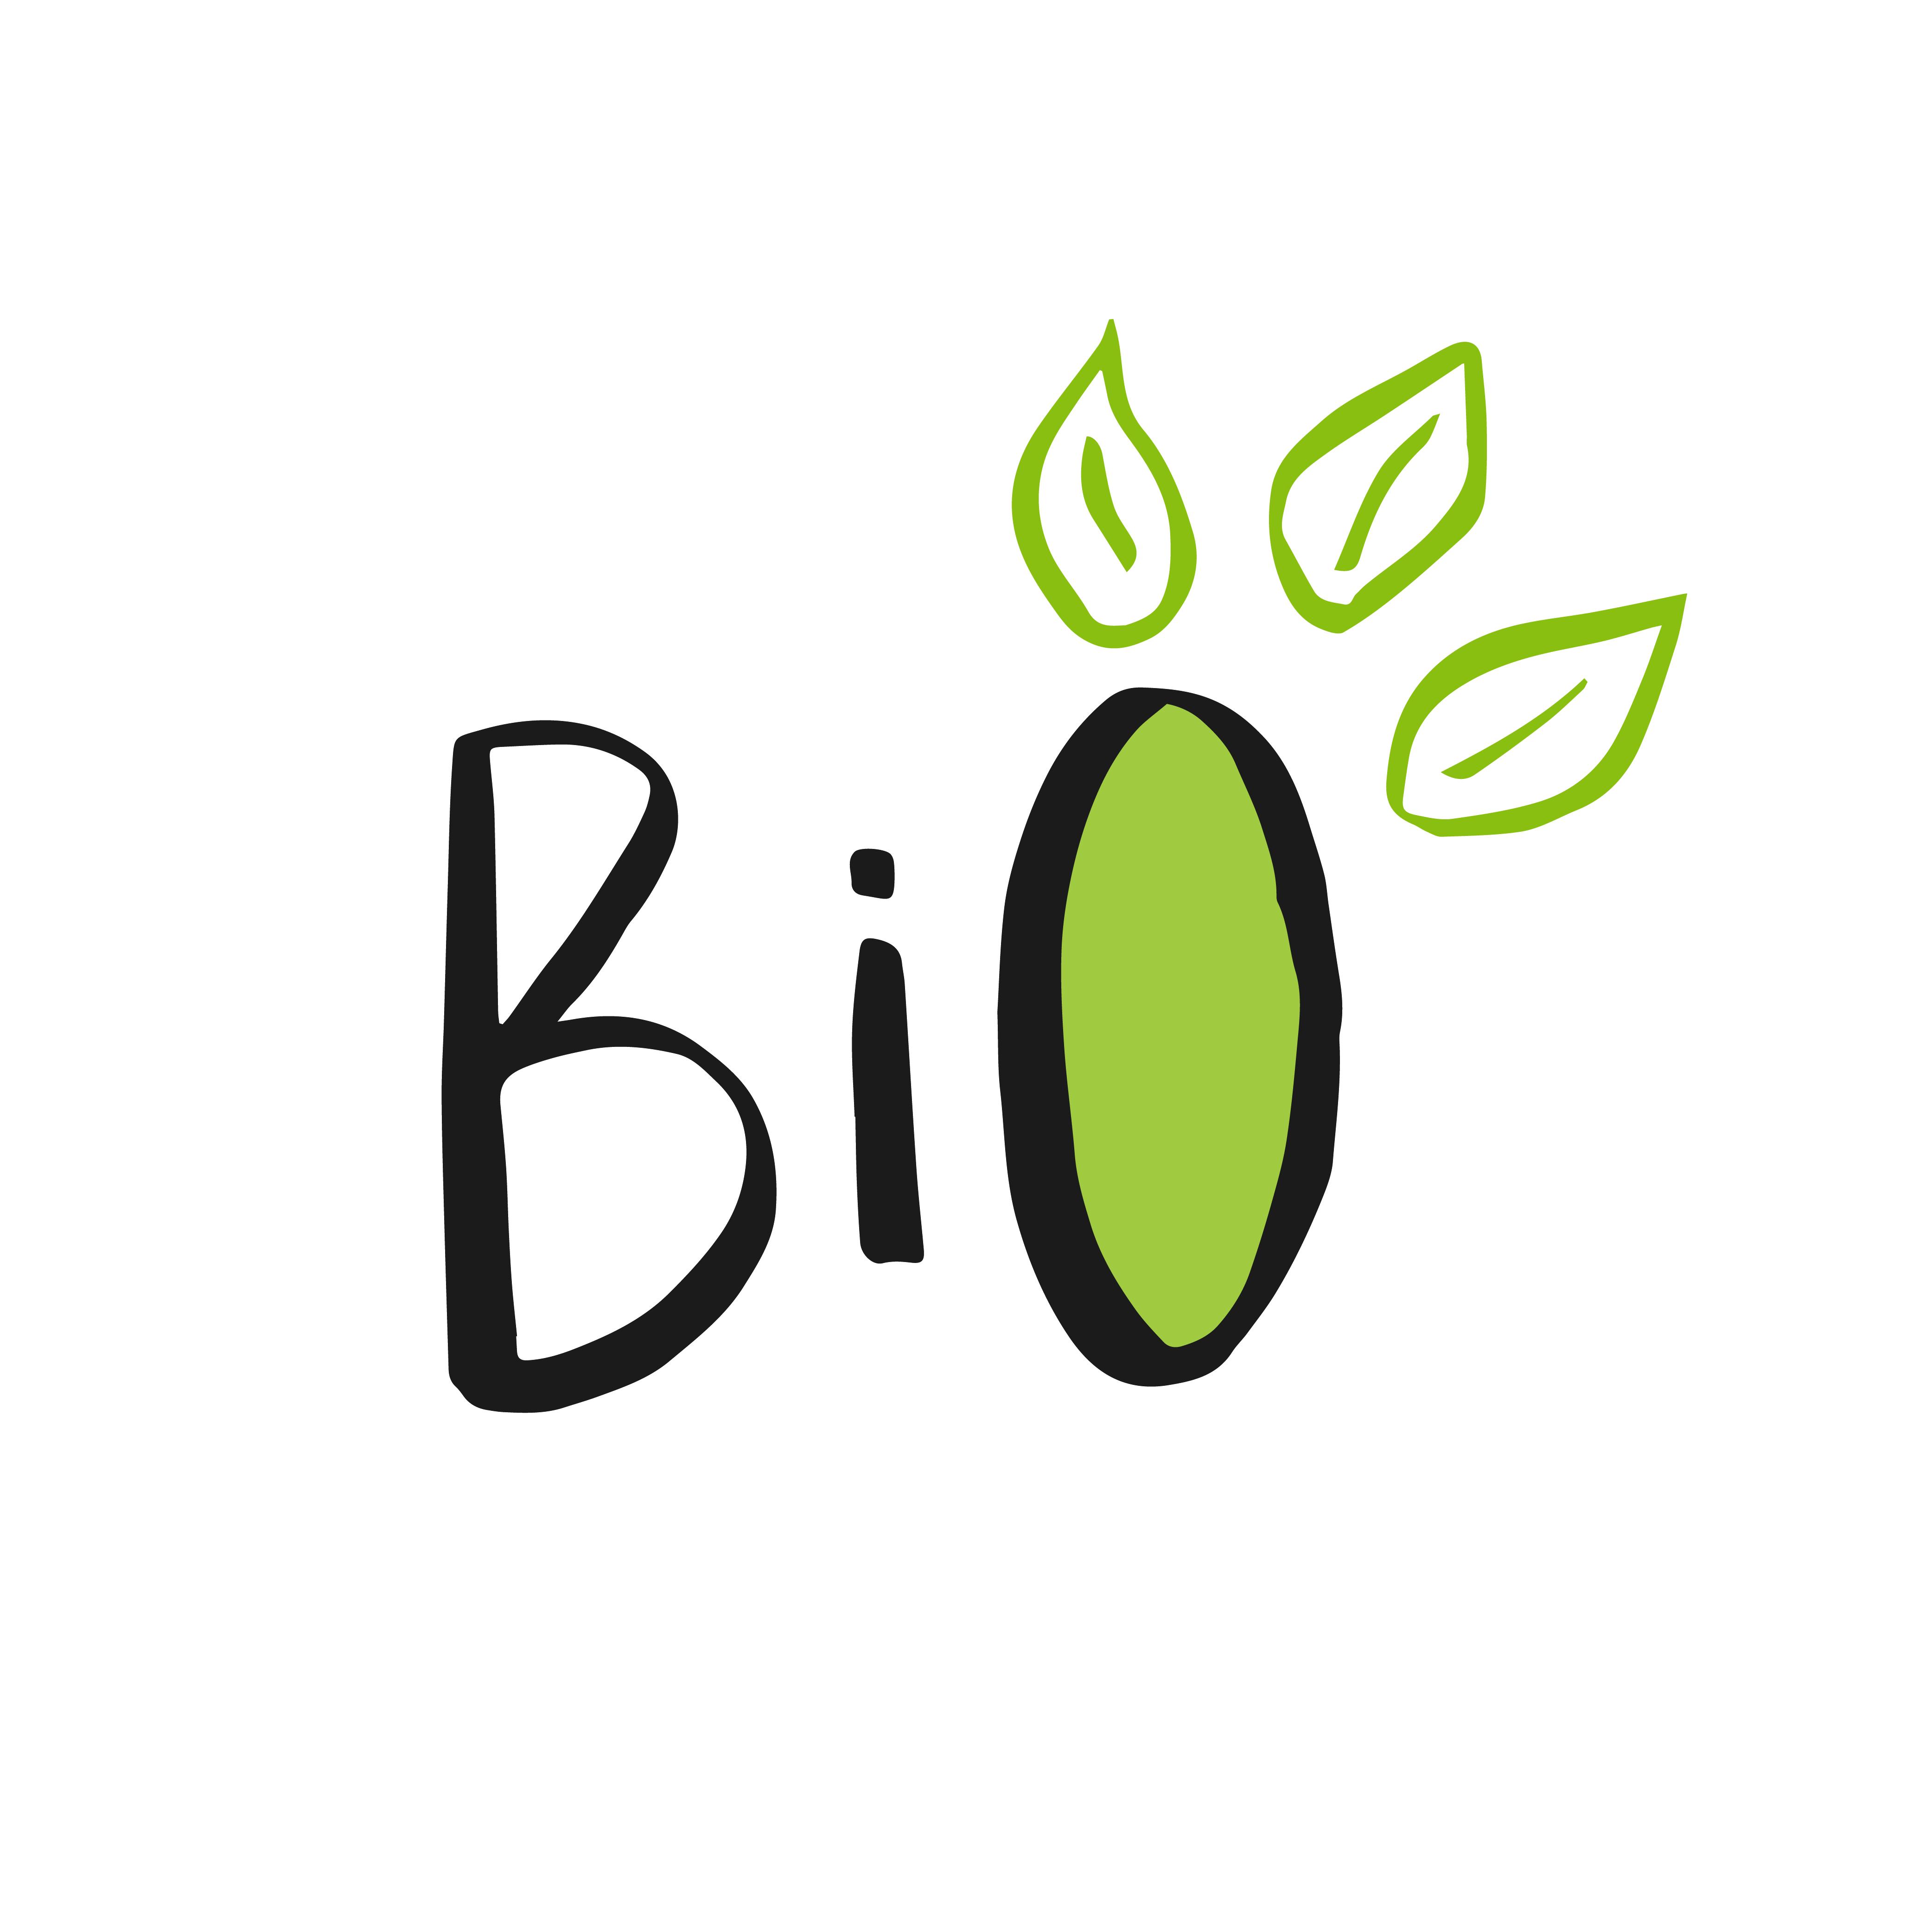 Klöckner stellt neue Umfragedaten zu Bio-Lebensmitteln vor